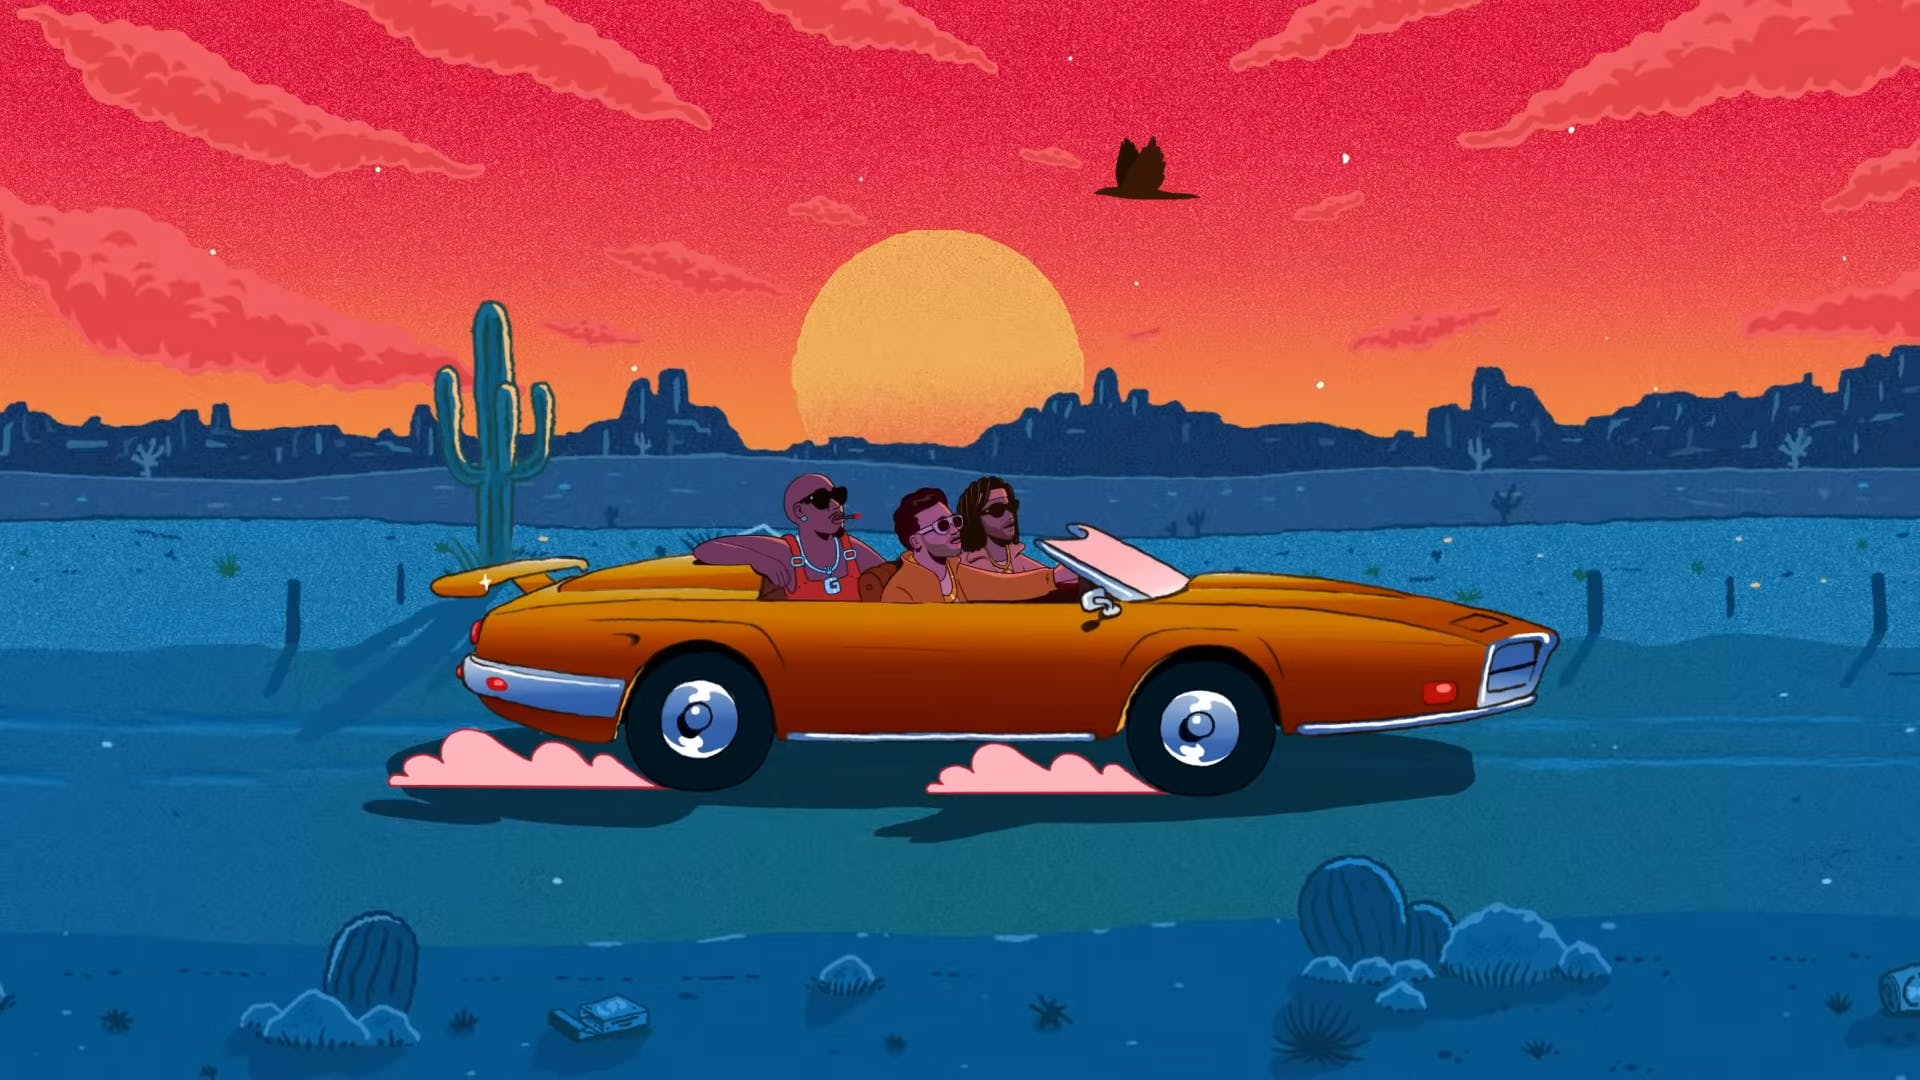 Tom Misch Nightrider music video